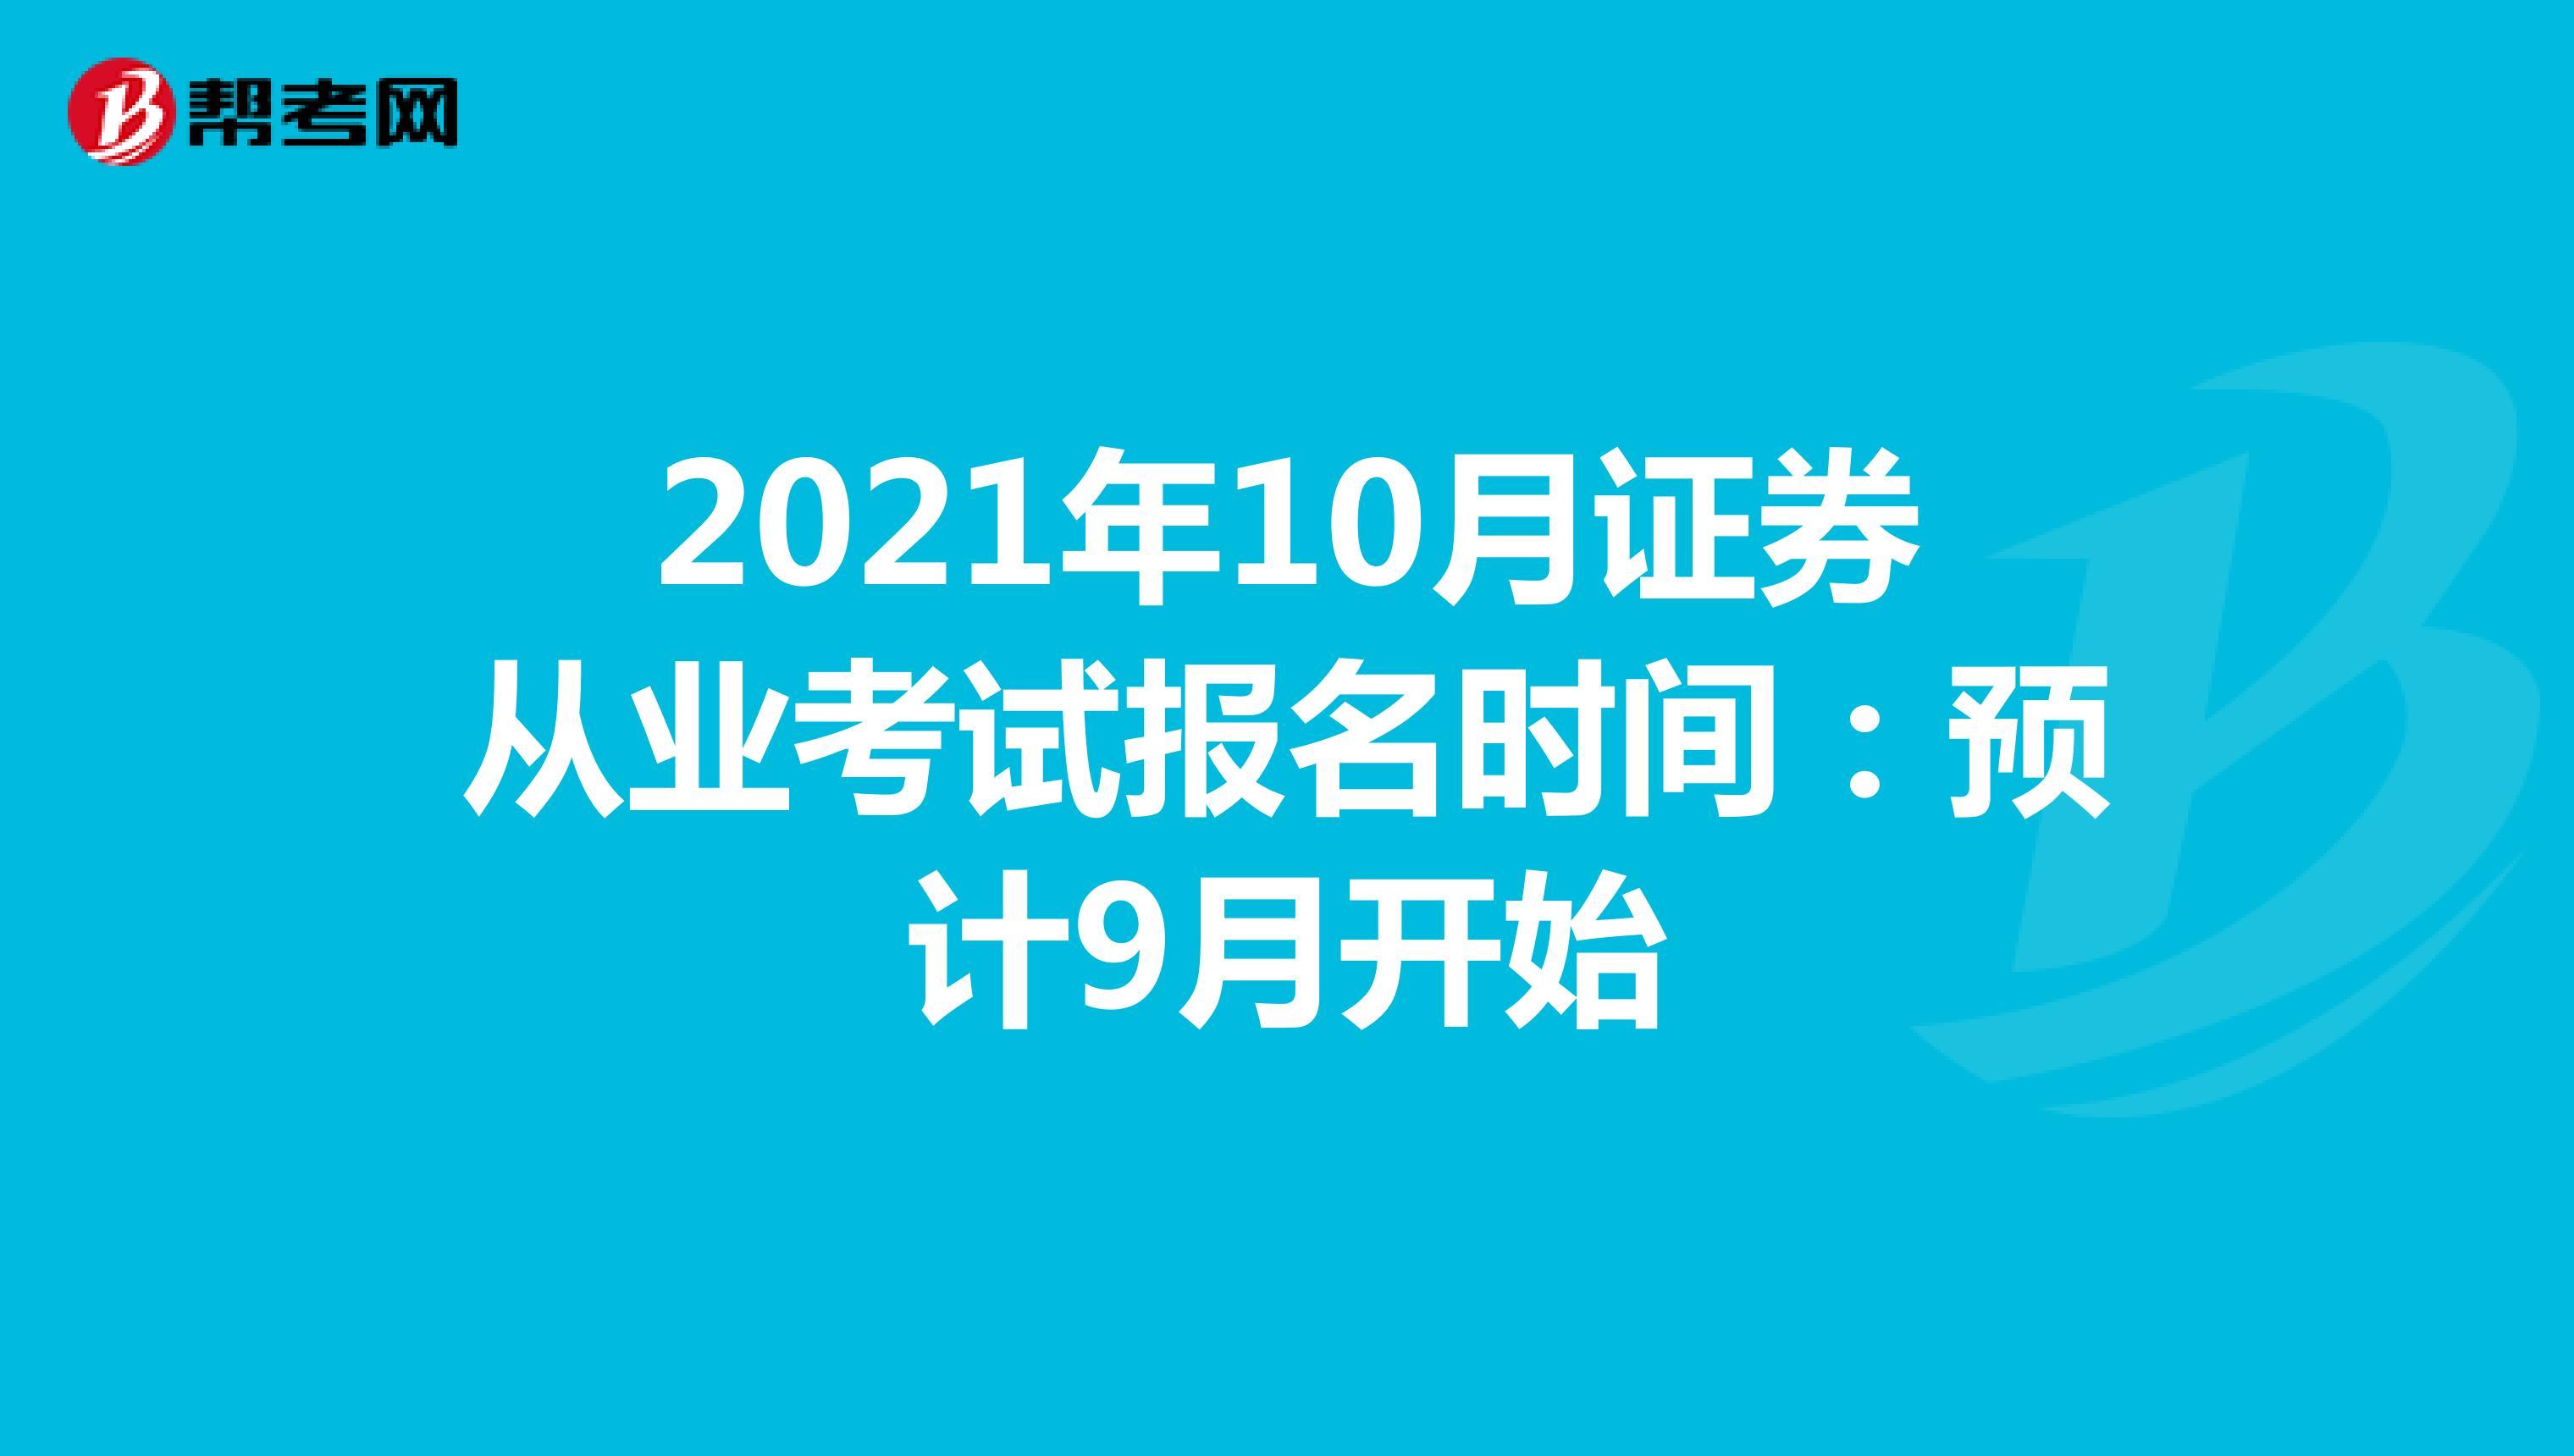 2021年10月证券从业考试报名时间:预计9月开始